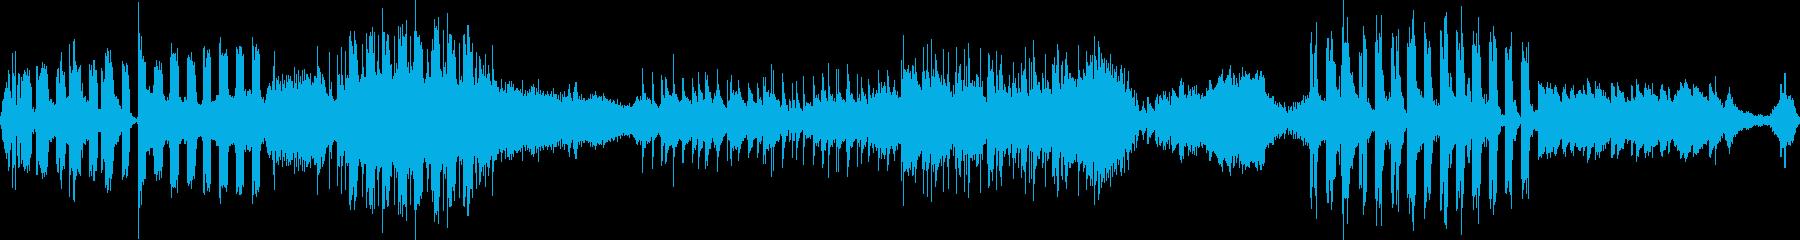 暗いアンビエント、ホラーアンダース...の再生済みの波形